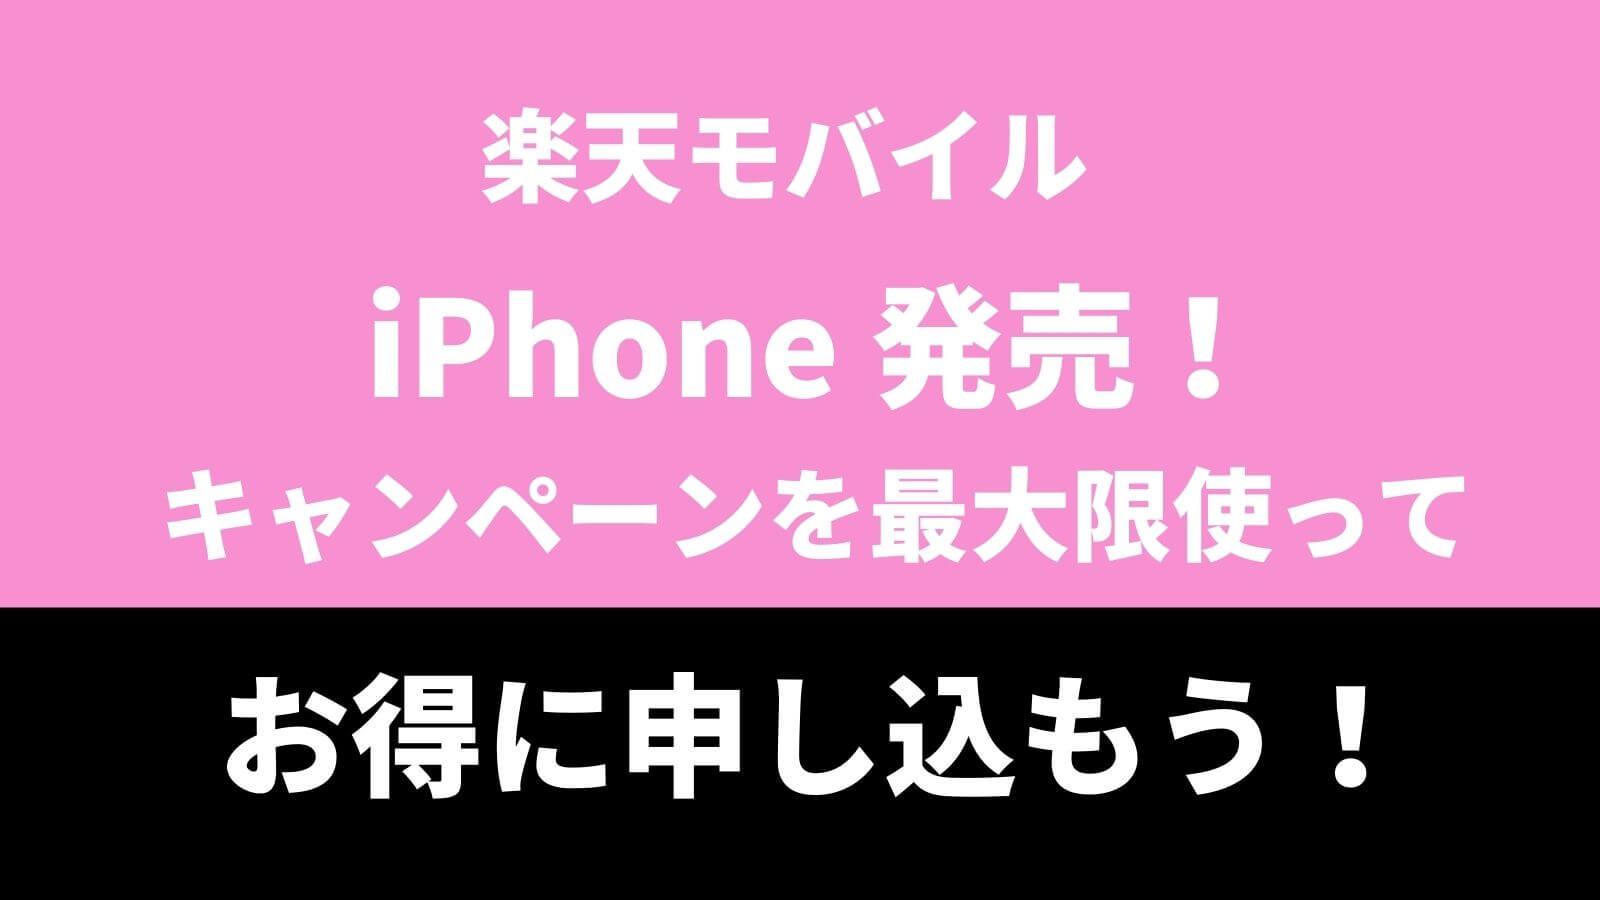 楽天モバイルのiPhoneキャンペーン